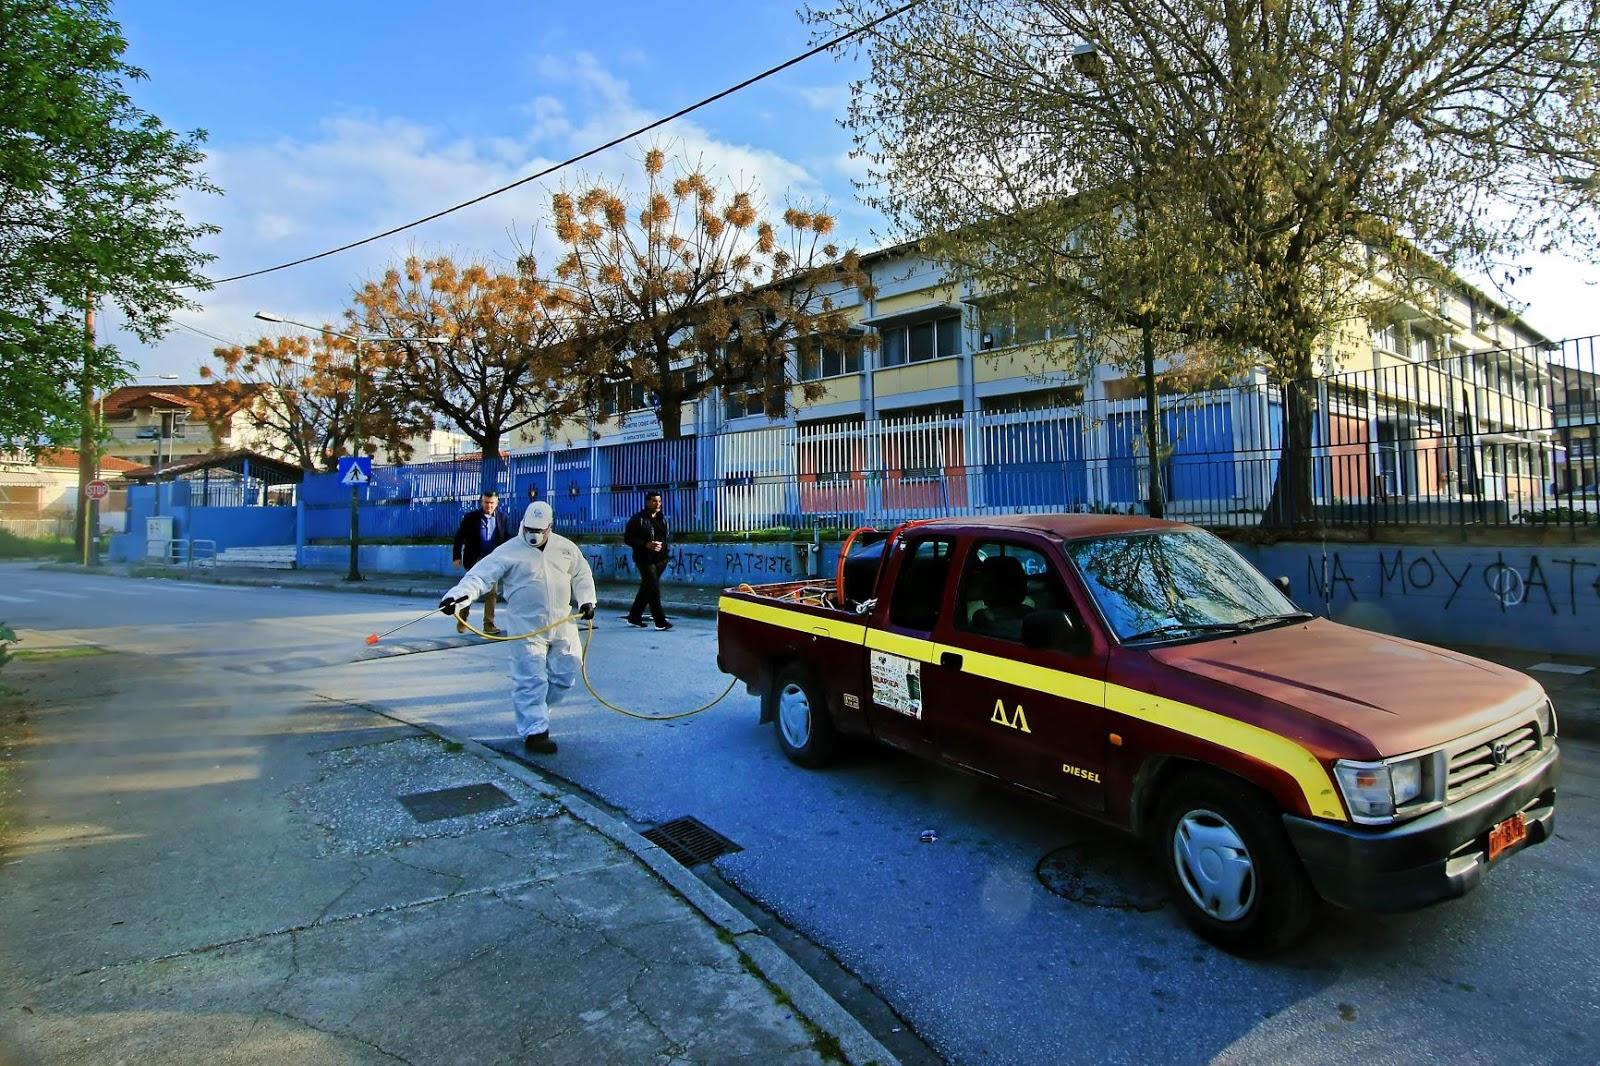 Δήμος Λαρισαίων: Καθημερινά με 9 οχήματα για πλύσεις χώρων και απολυμάνσεις